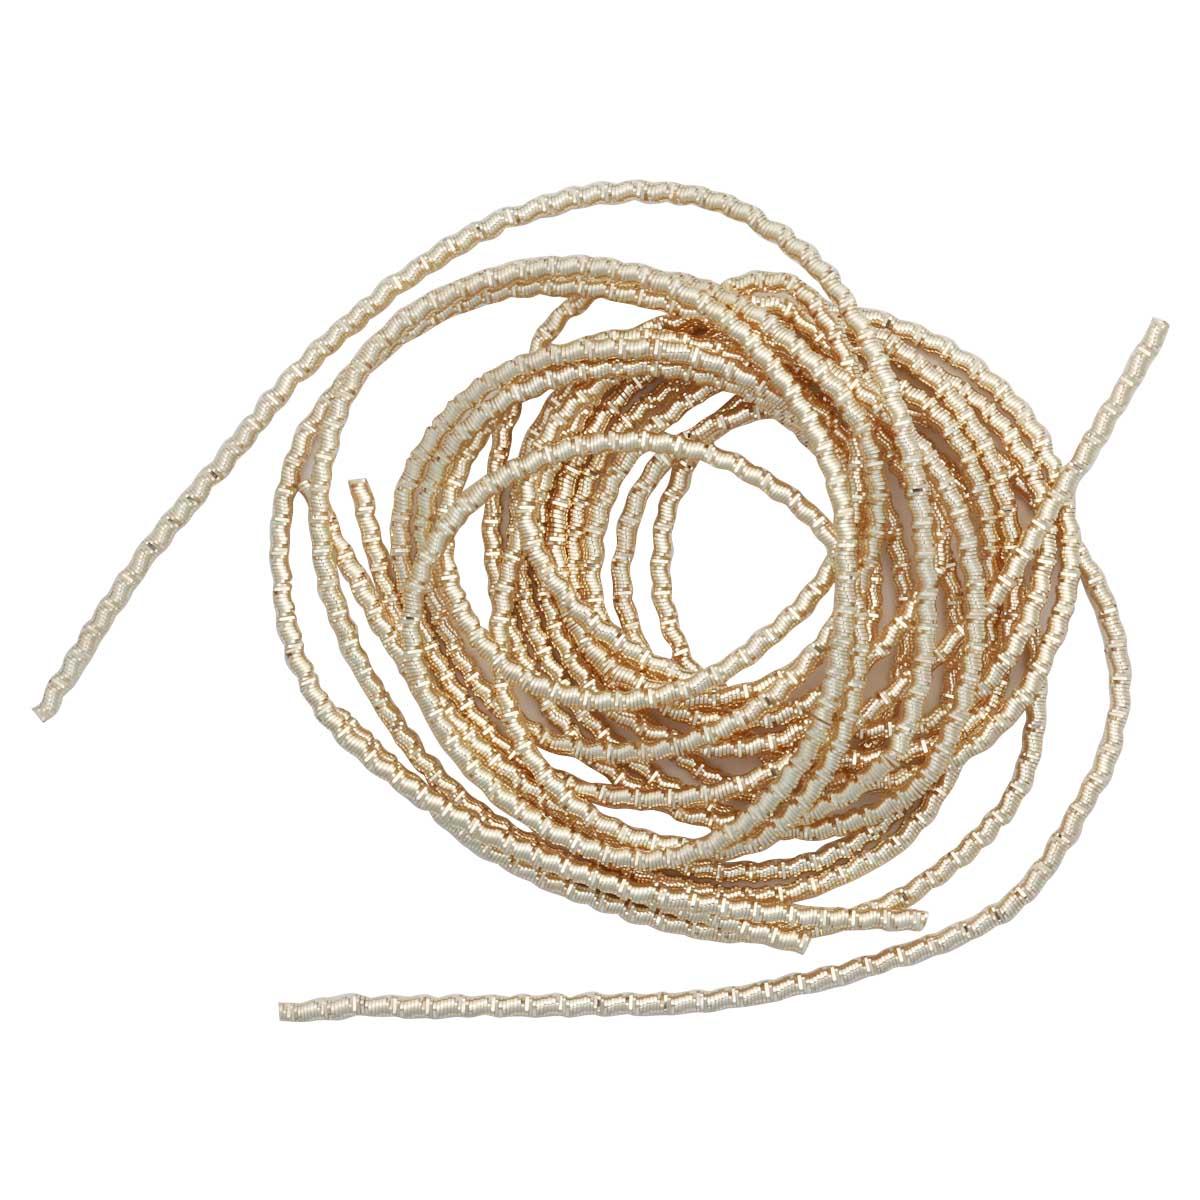 ТБ005НН2 Трунцал Бамбук светлое-золото 2 мм, 5 гр. +/- 0,1 гр.